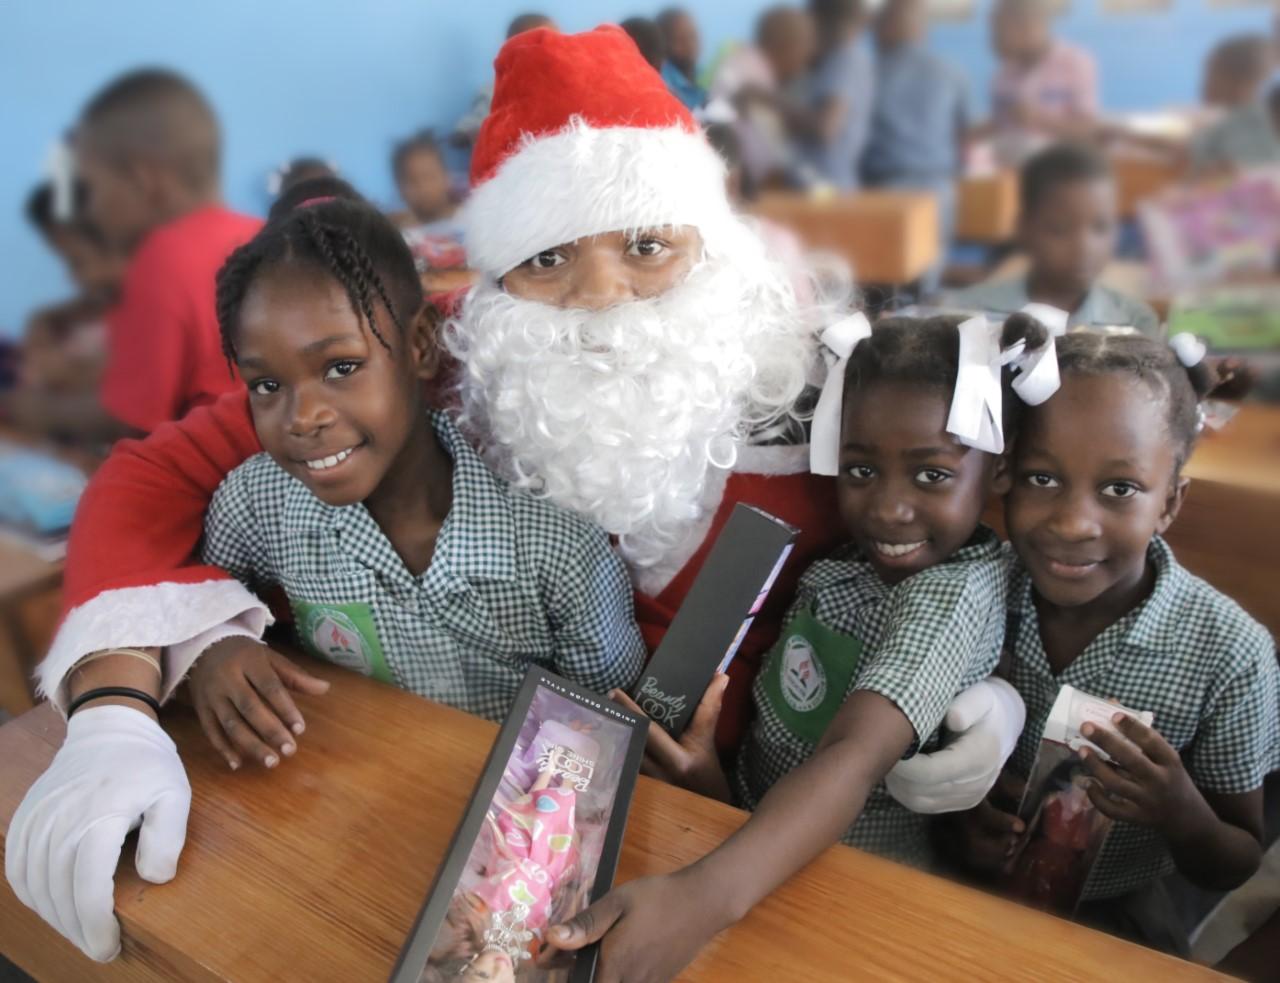 Cette année, lors la foire de Noël qui fut organisée à l'intention des employés, ces derniers ont eu la possibilité de contribuer à une collecte de plus de 4,000 cadeaux destinés aux élèves de 10 des écoles construites par la Fondation.